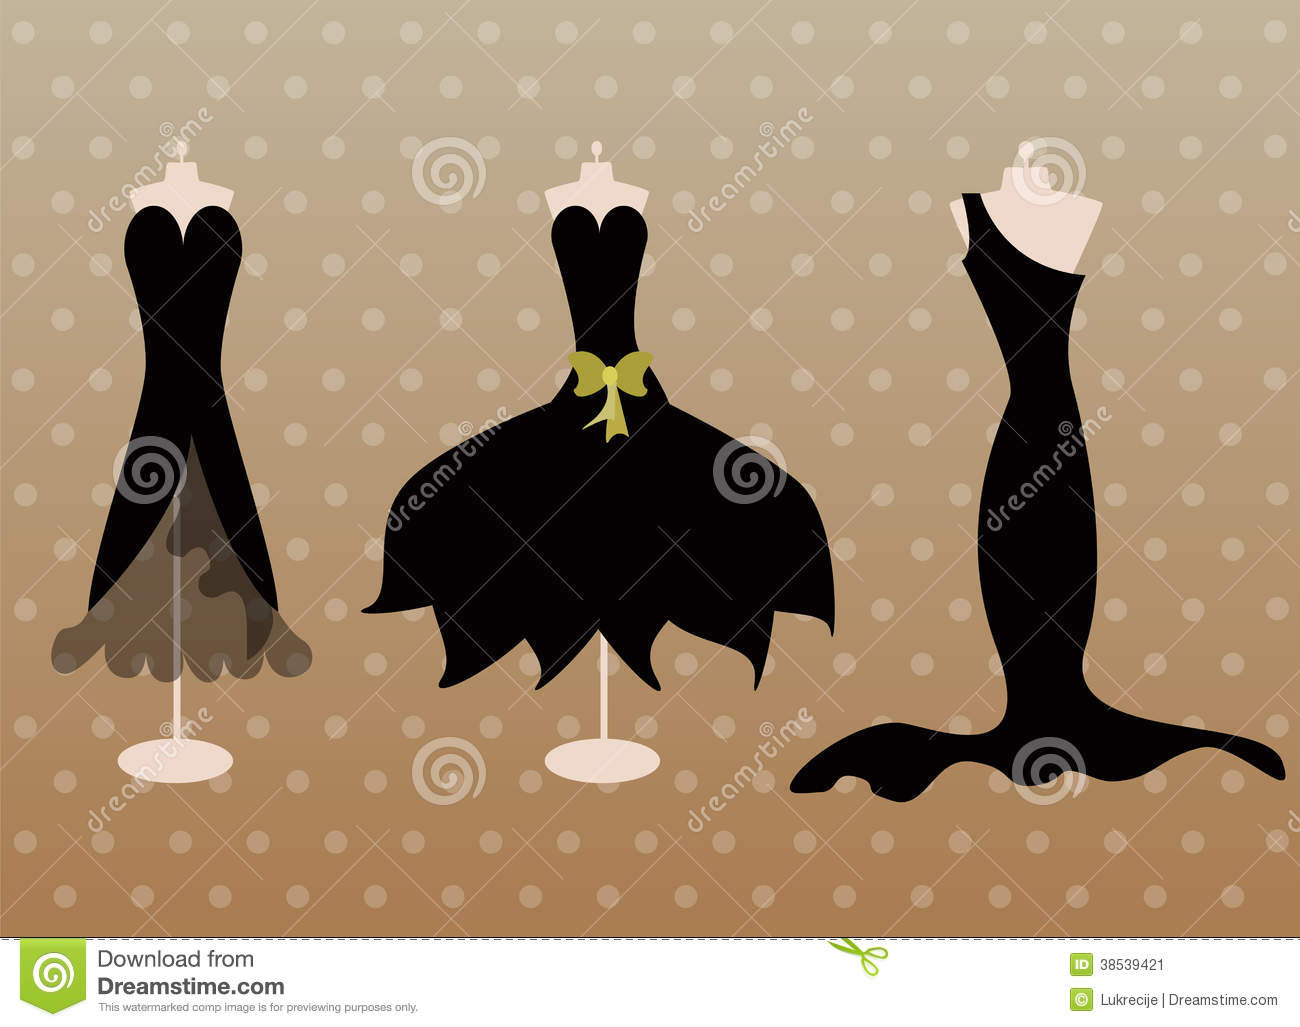 10 Fantastisch Schöne Schwarze Kleider GalerieDesigner Cool Schöne Schwarze Kleider Design